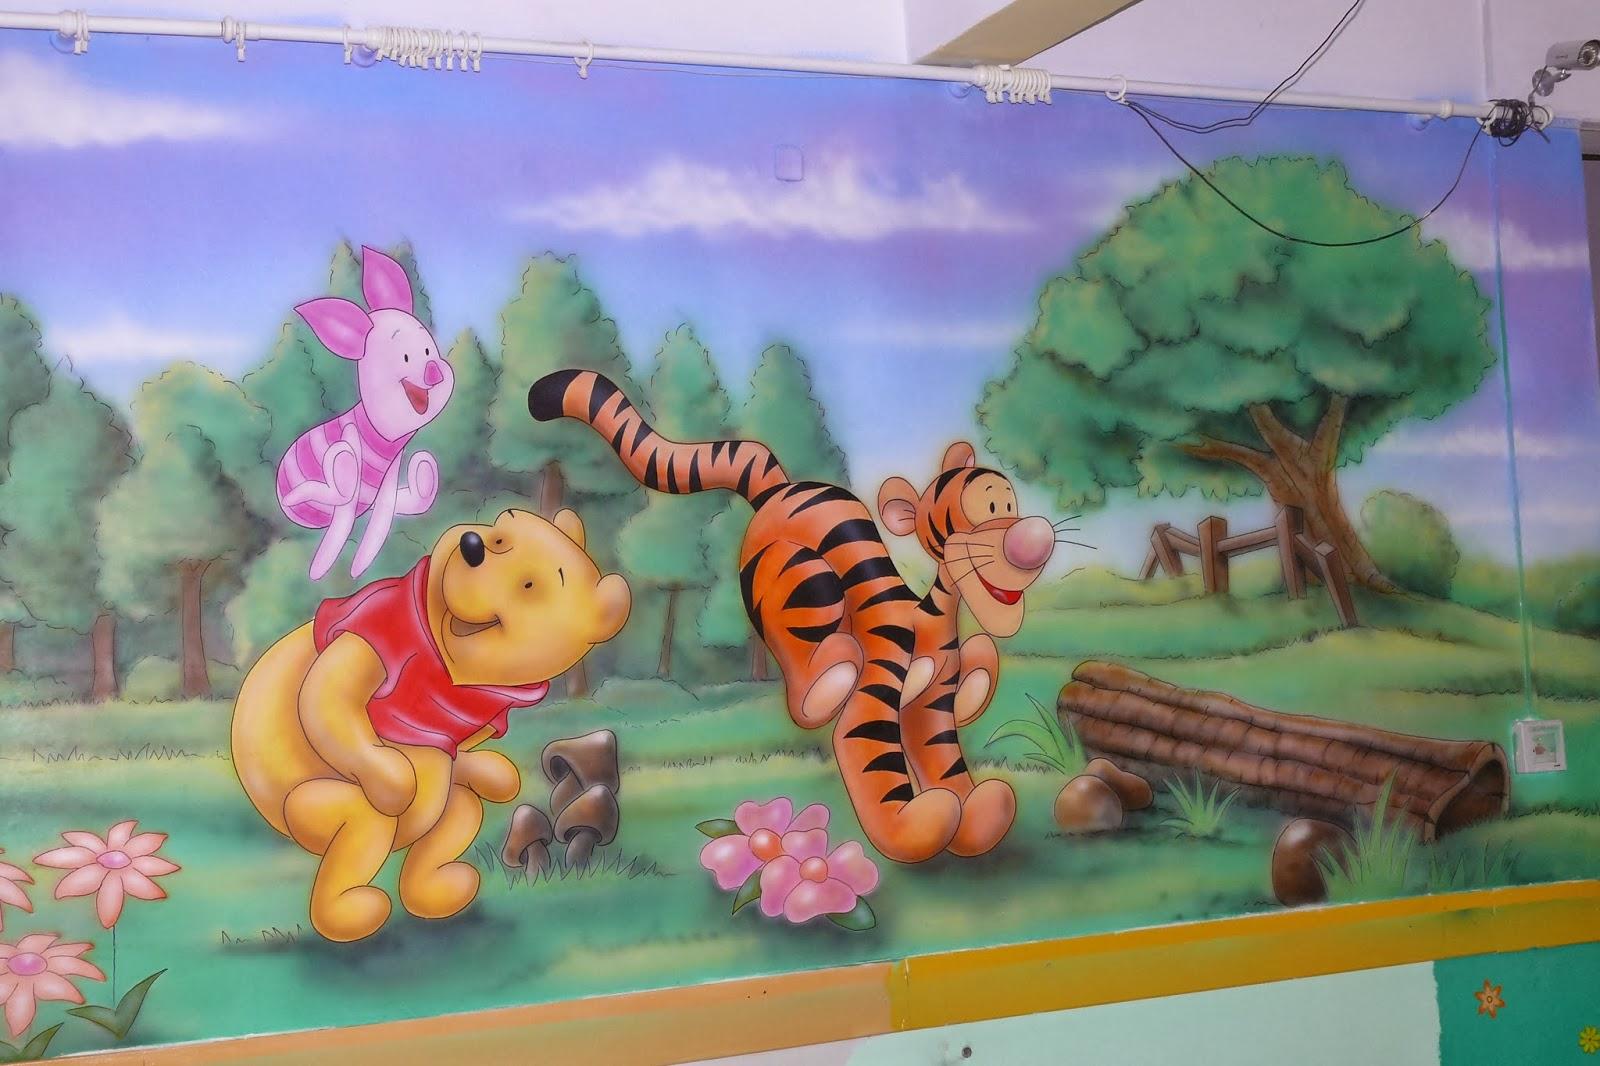 Malowidło ścienne 3D przedstawajace motyw z bajki Kubusia Puchatka, obraz wykonany na ścianie w pokoju dziecięcym. Warszawa